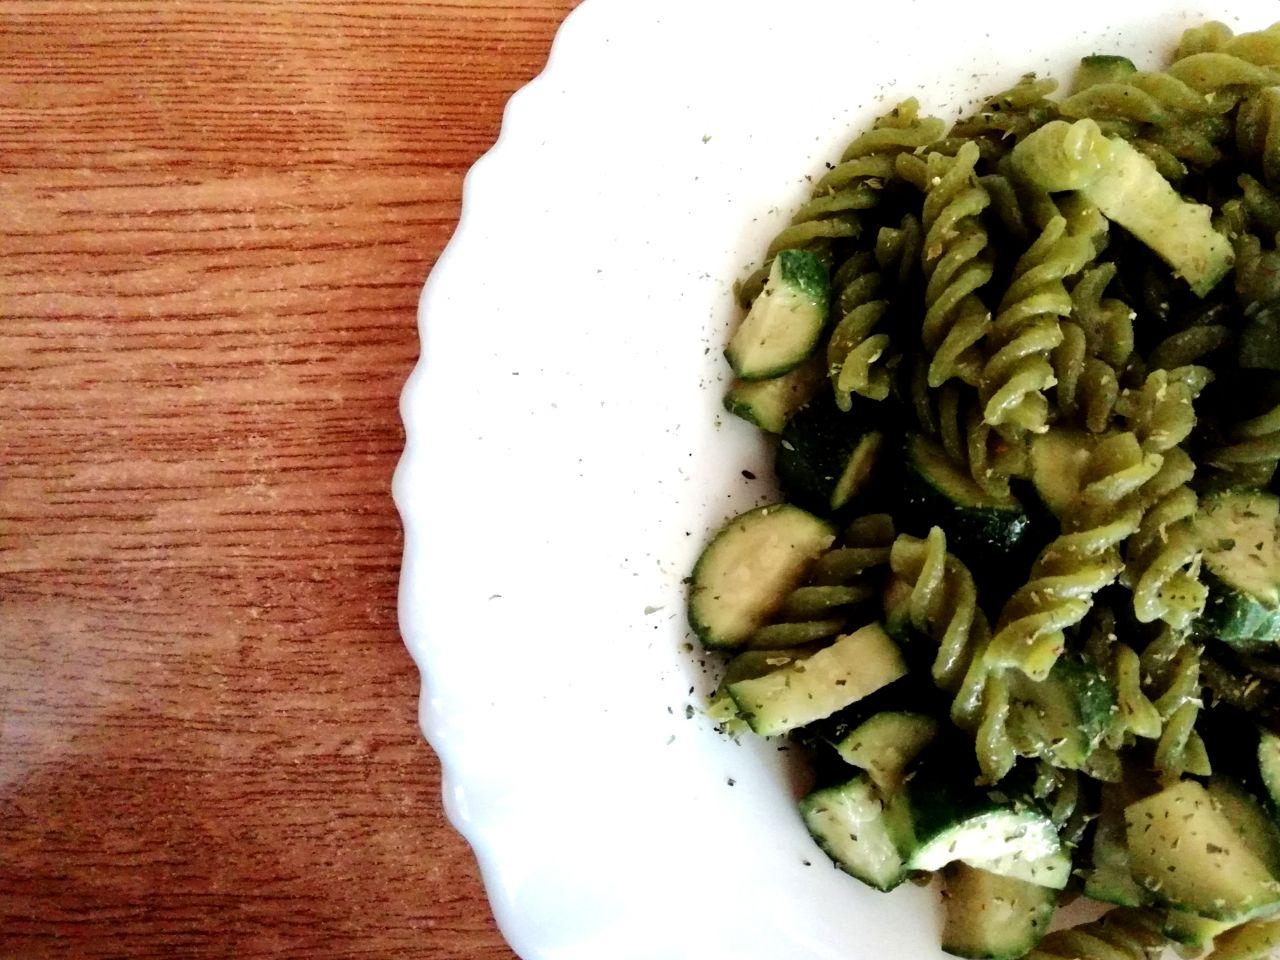 Primi piatti leggeri: pasta di piselli verdi con zucchine, senza formaggio e senza burro!